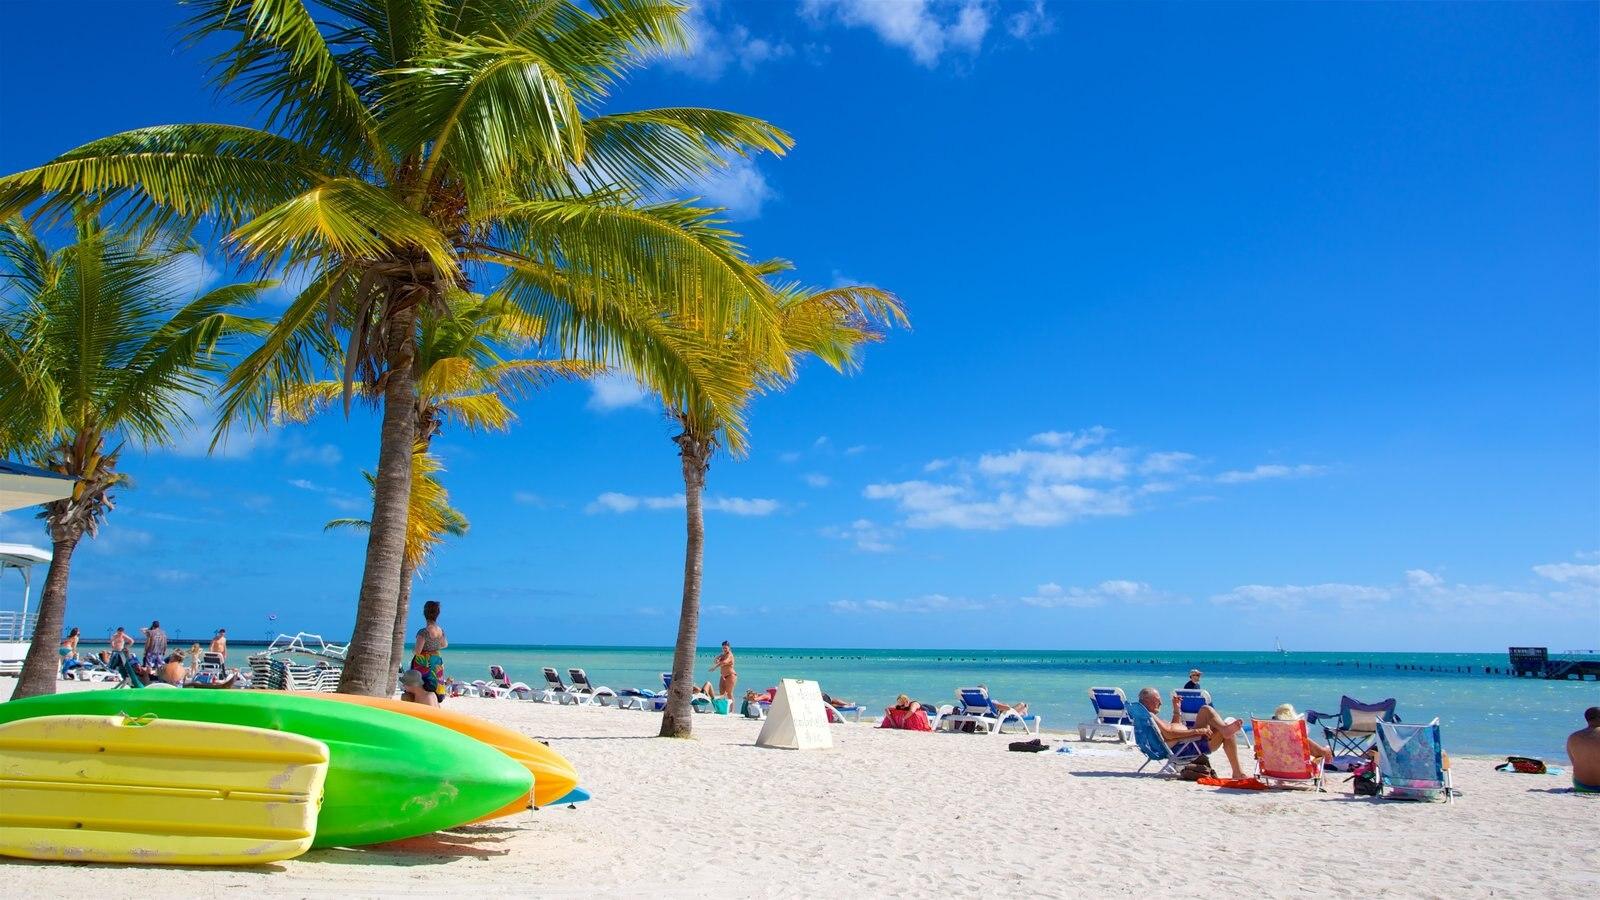 Sul da Flórida caracterizando uma baía ou porto e uma praia assim como um pequeno grupo de pessoas